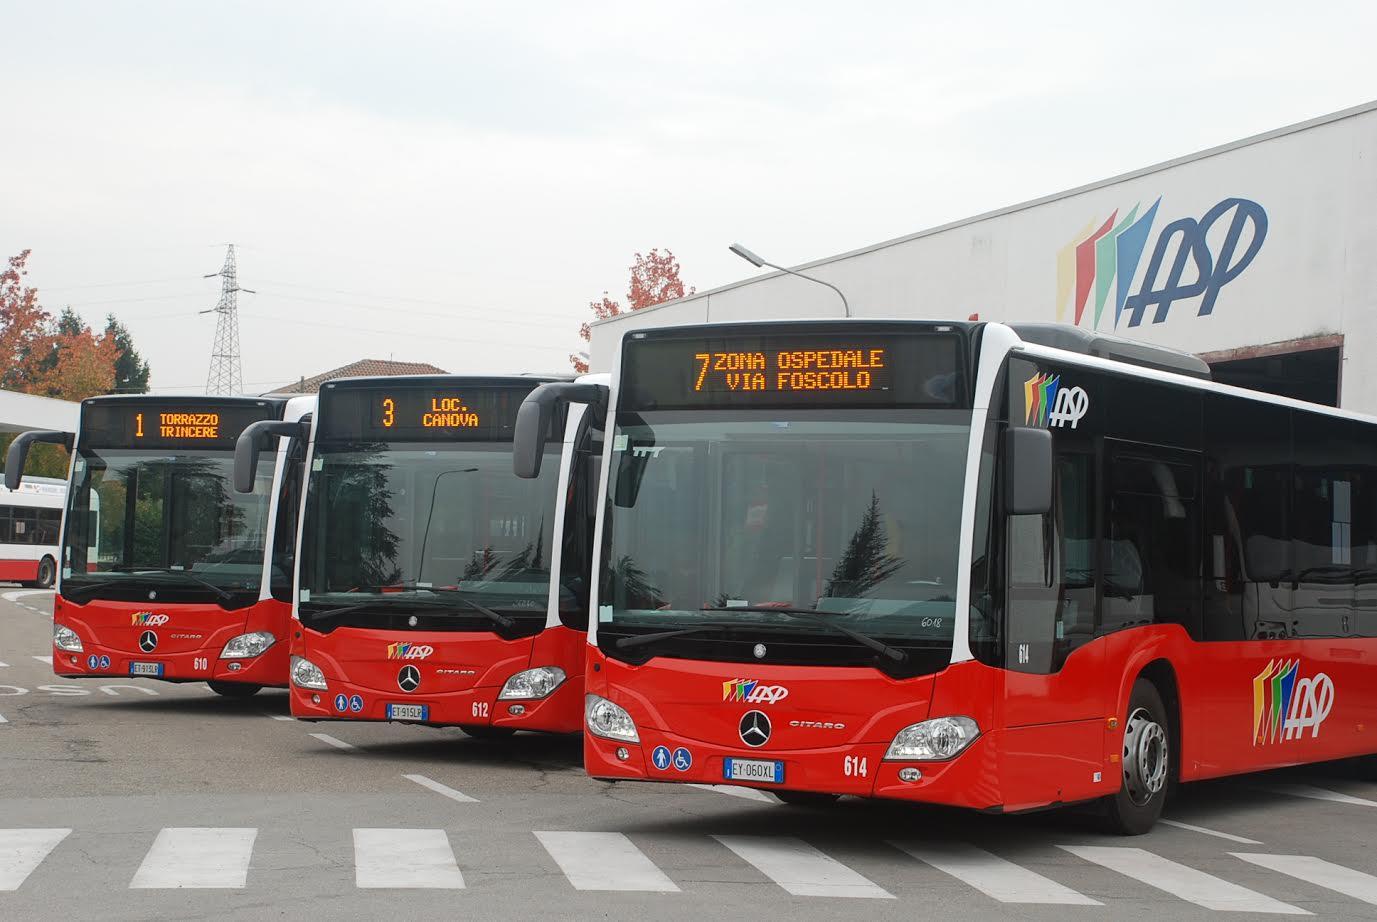 Orari estivi delle linee urbane di Asp in vigore da lunedì 25 giugno